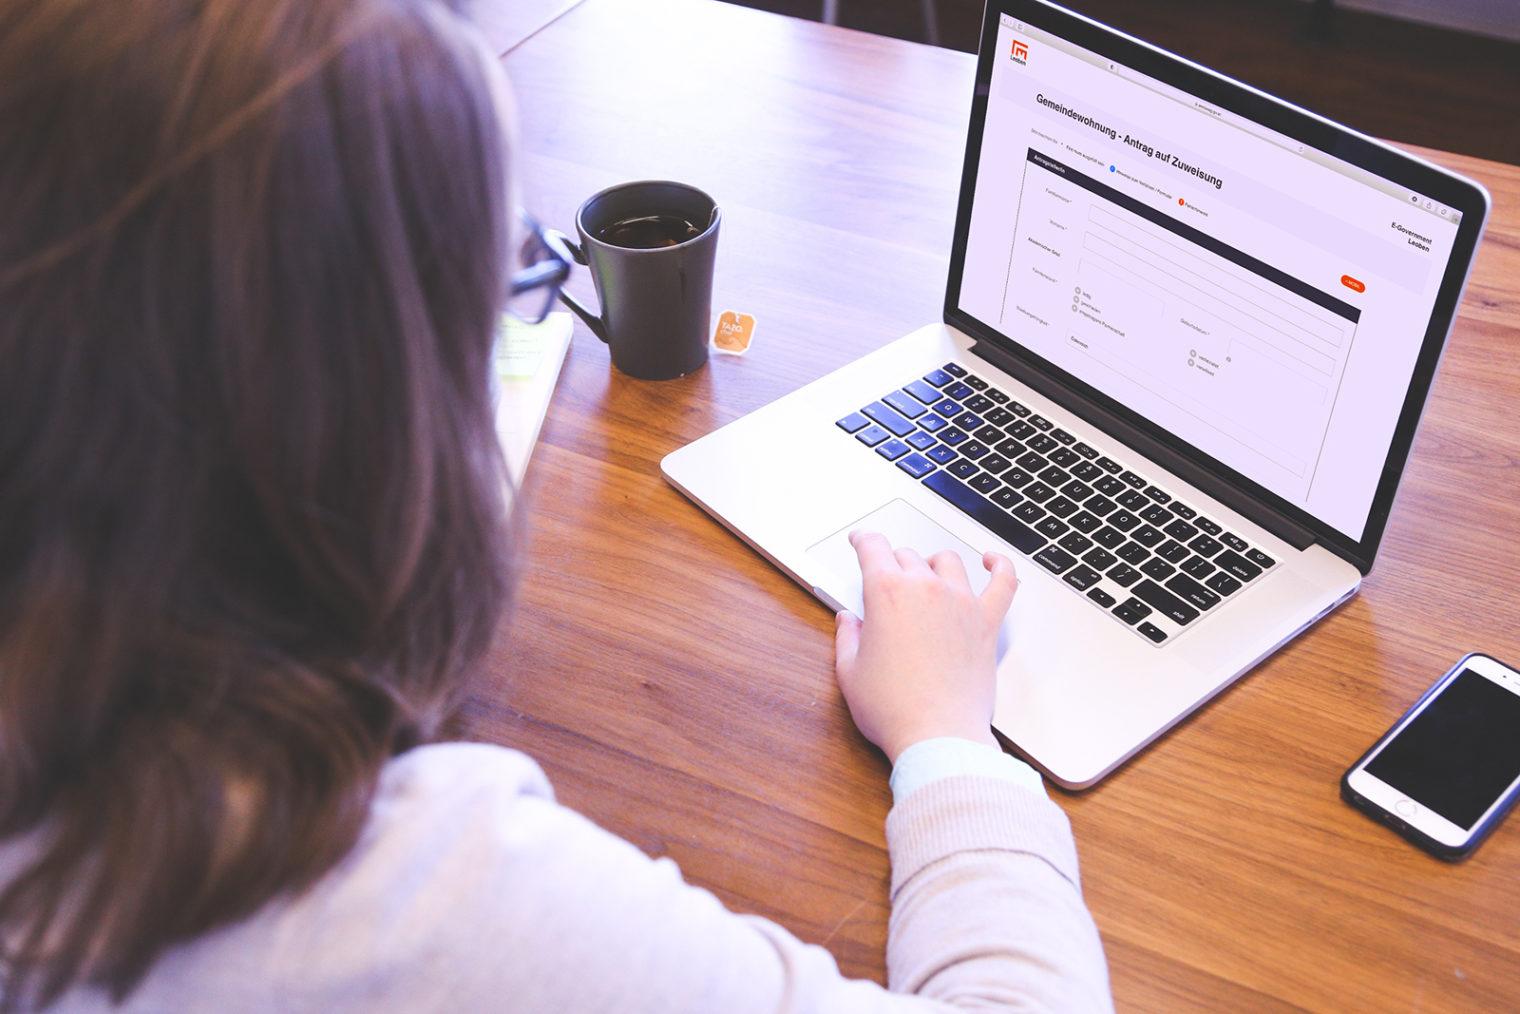 Nutzerin bearbeitet Online-Formular am Laptop